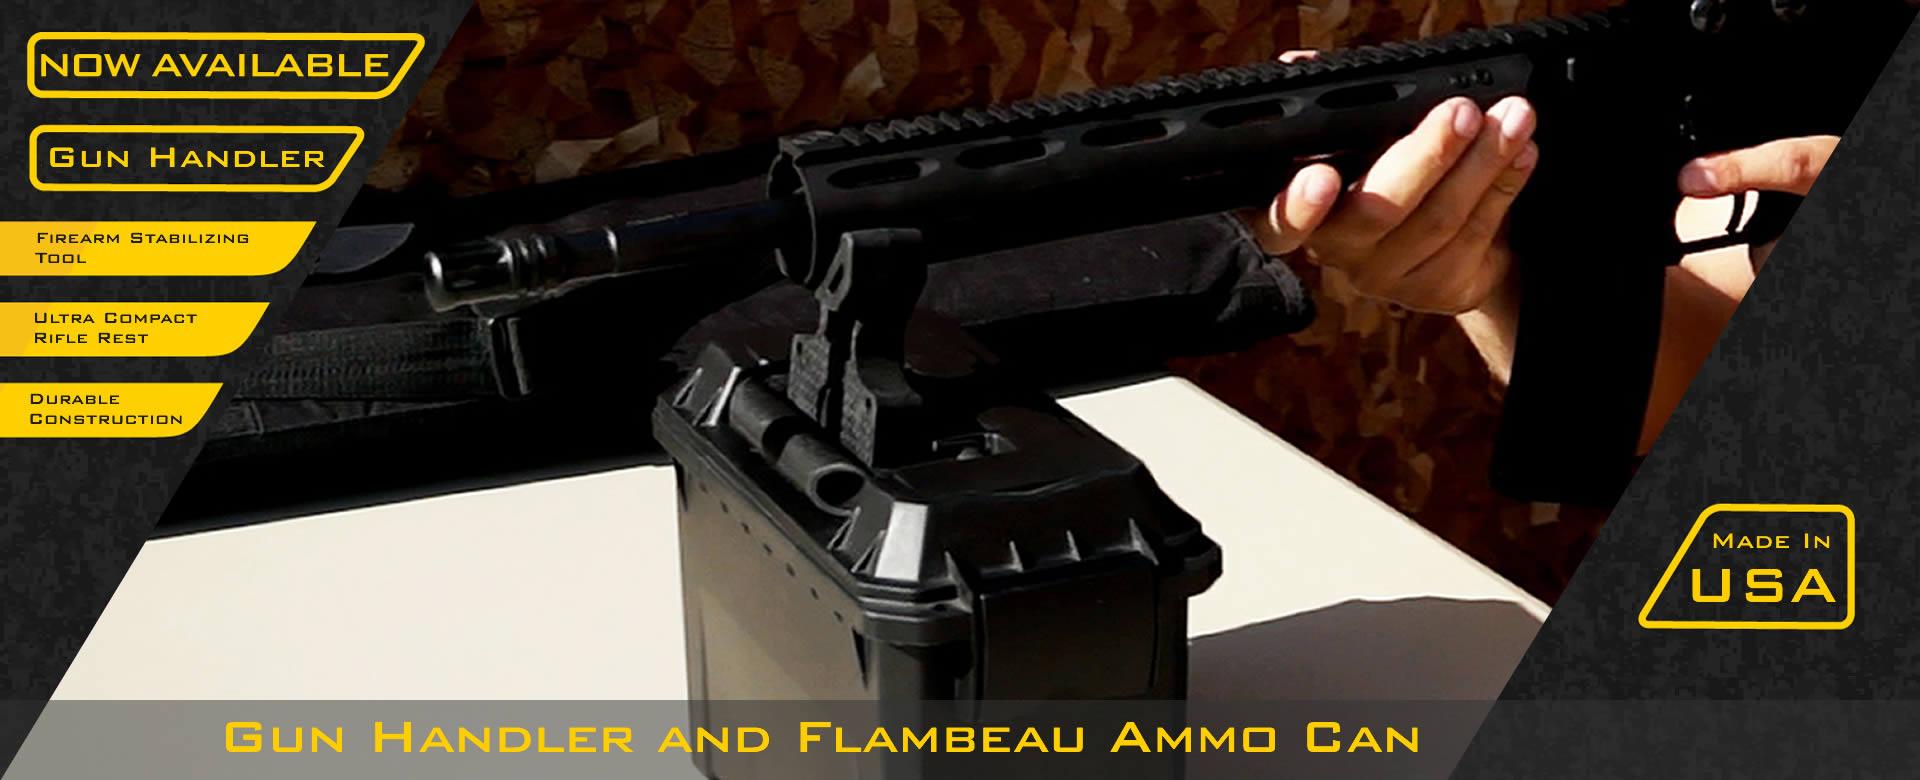 gun-handler-ammo-can-1